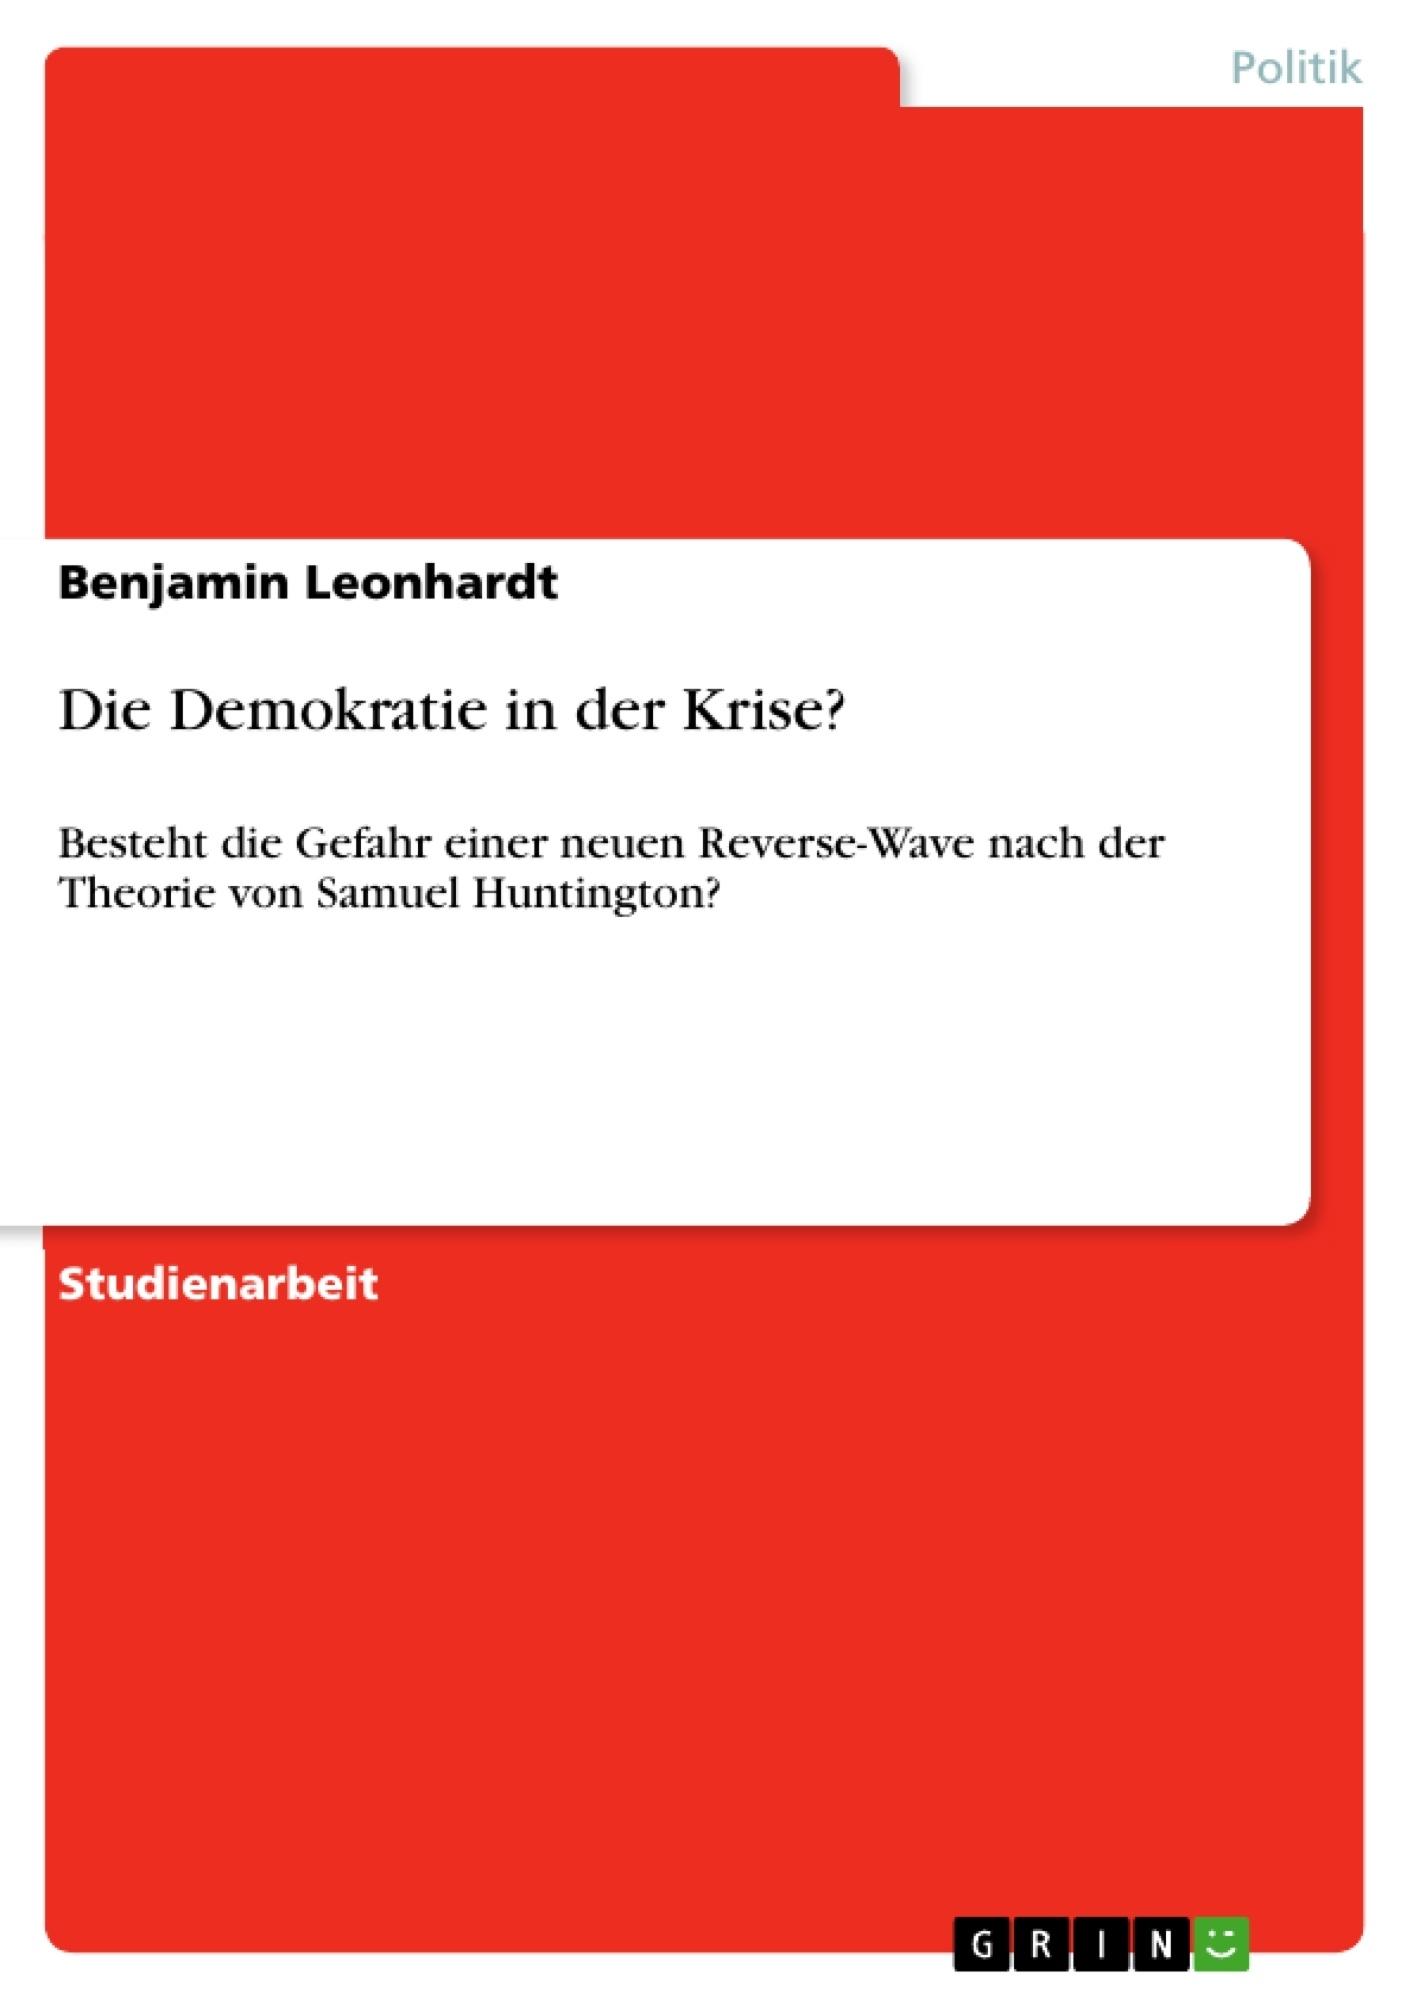 Titel: Die Demokratie in der Krise?